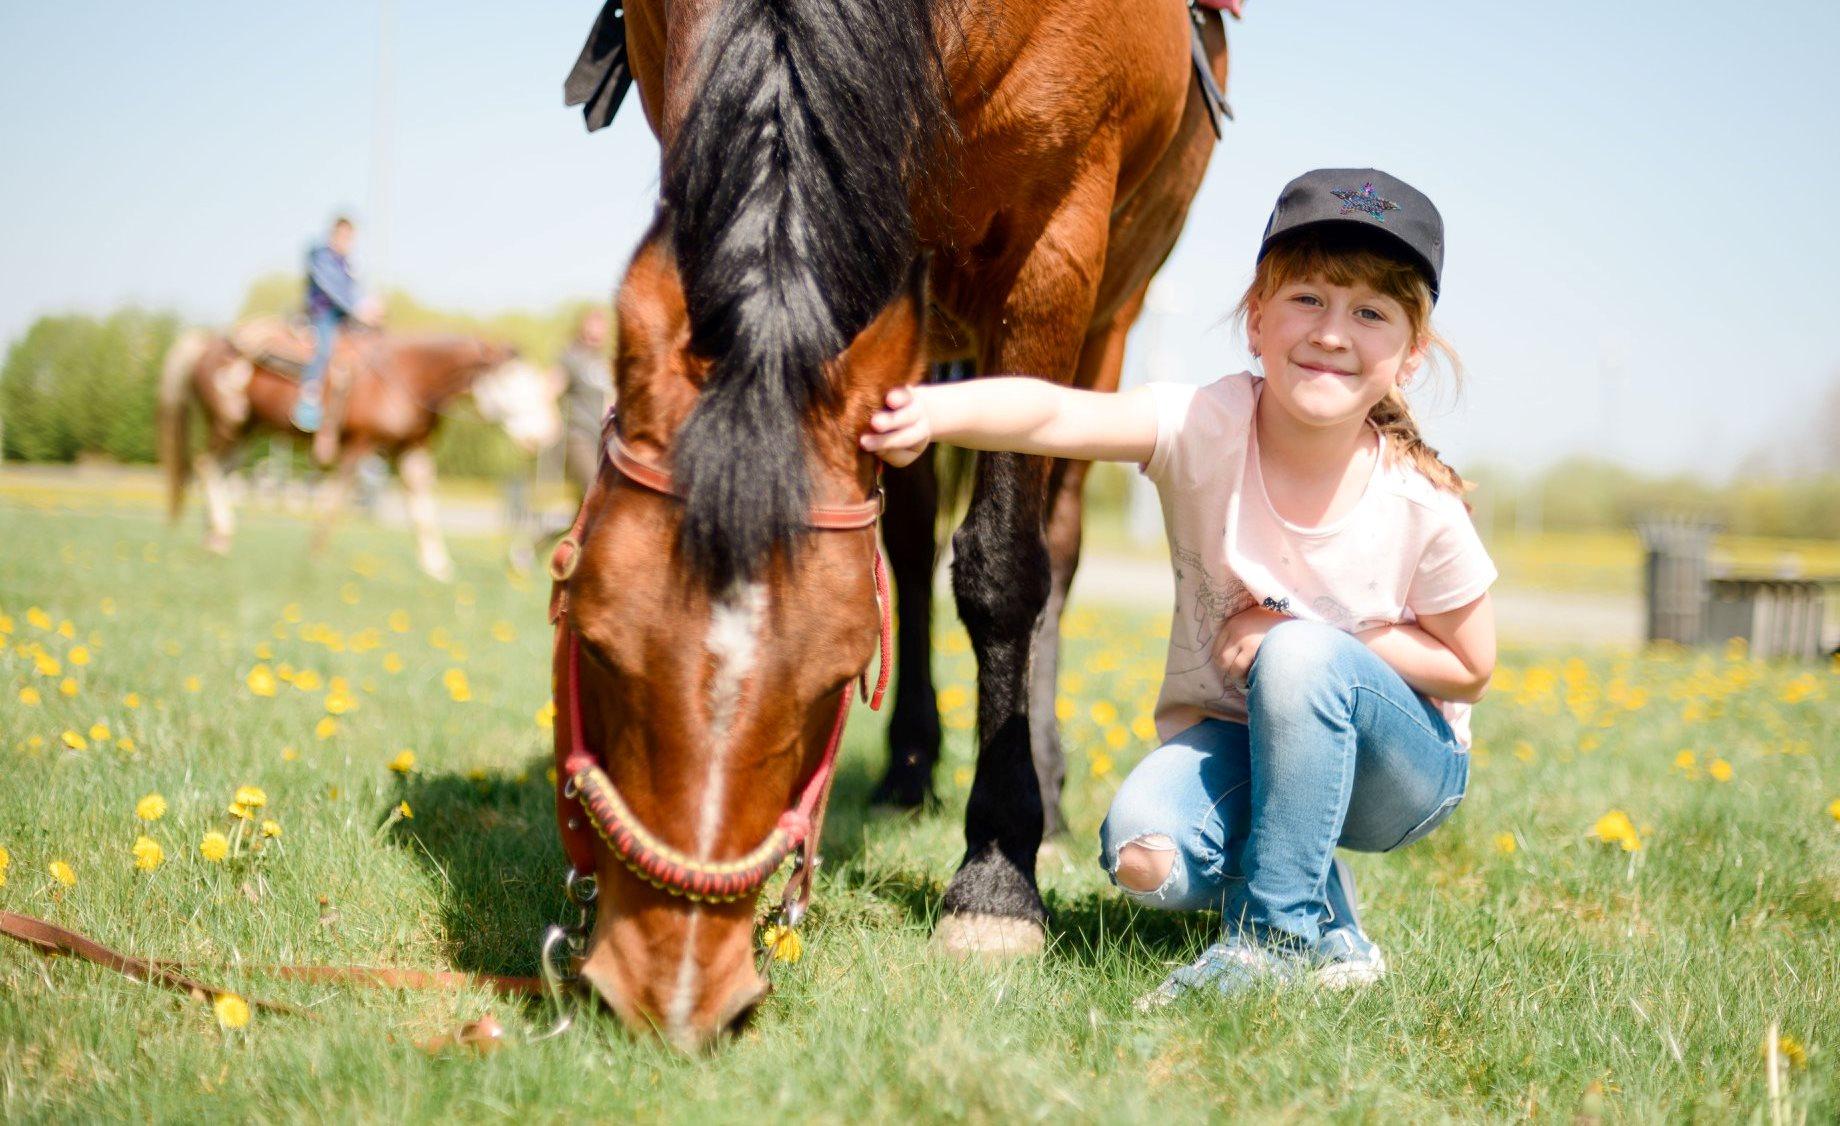 Катание на лошади для ребенка